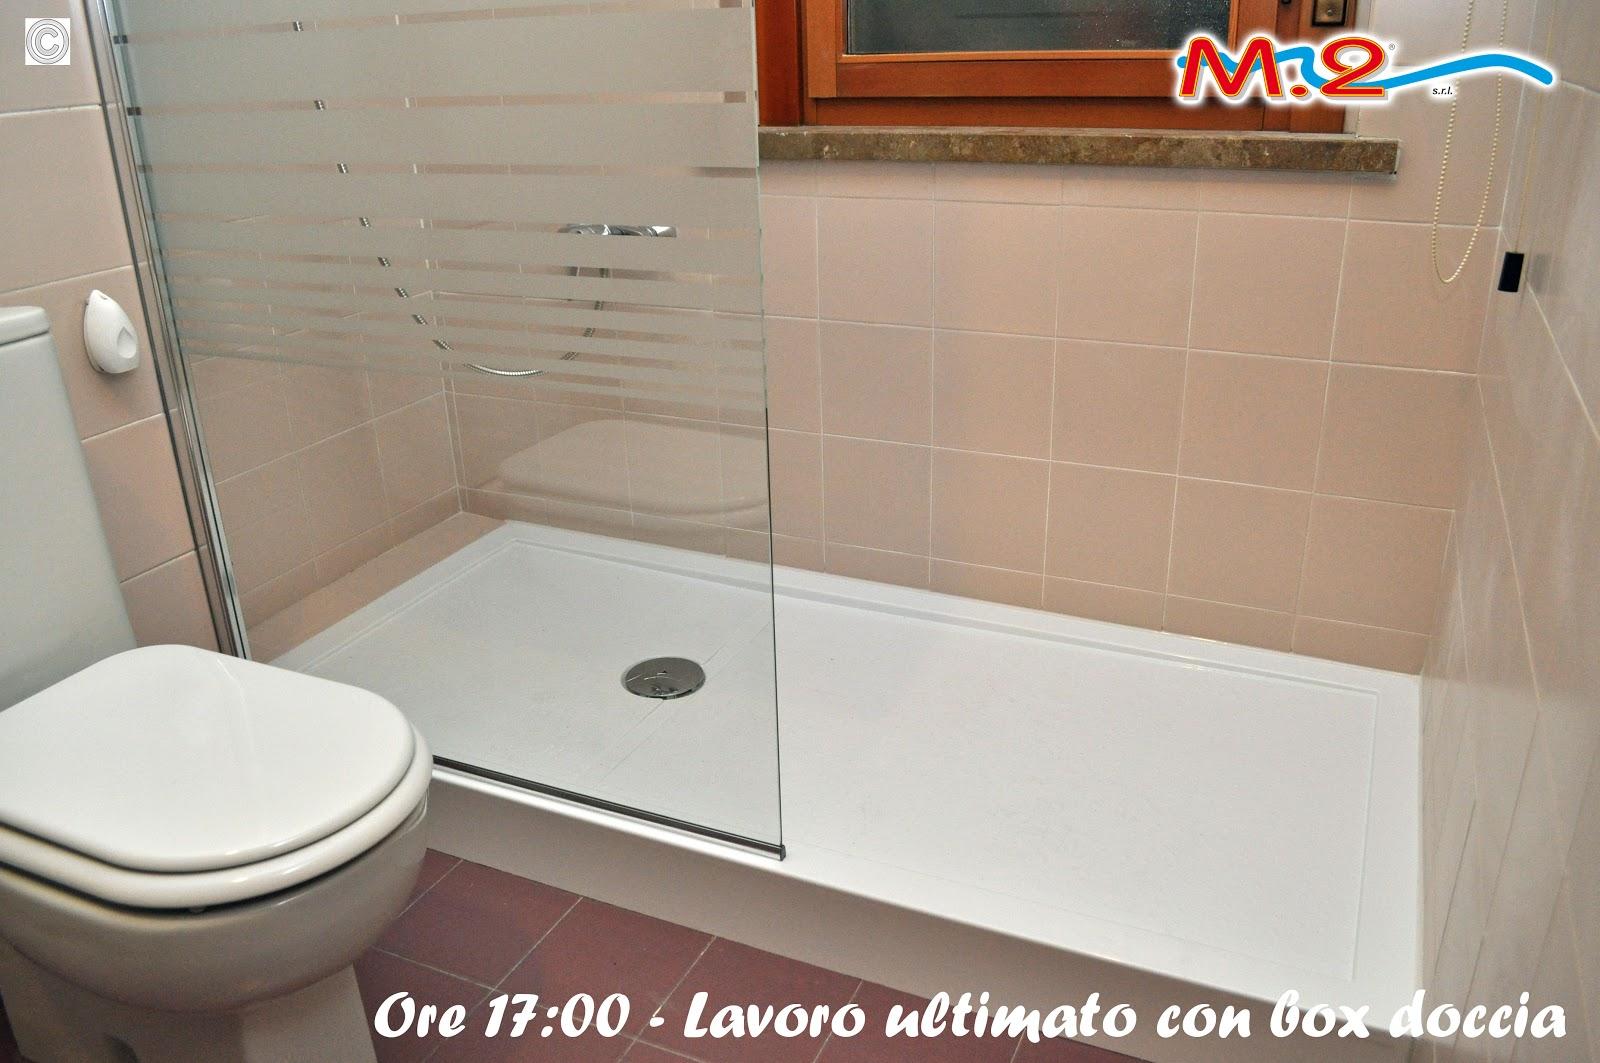 Sostituzione vasca da bagno in 3 muri con piatto doccia e anta di cristallo  M.2 Trasformazione ...